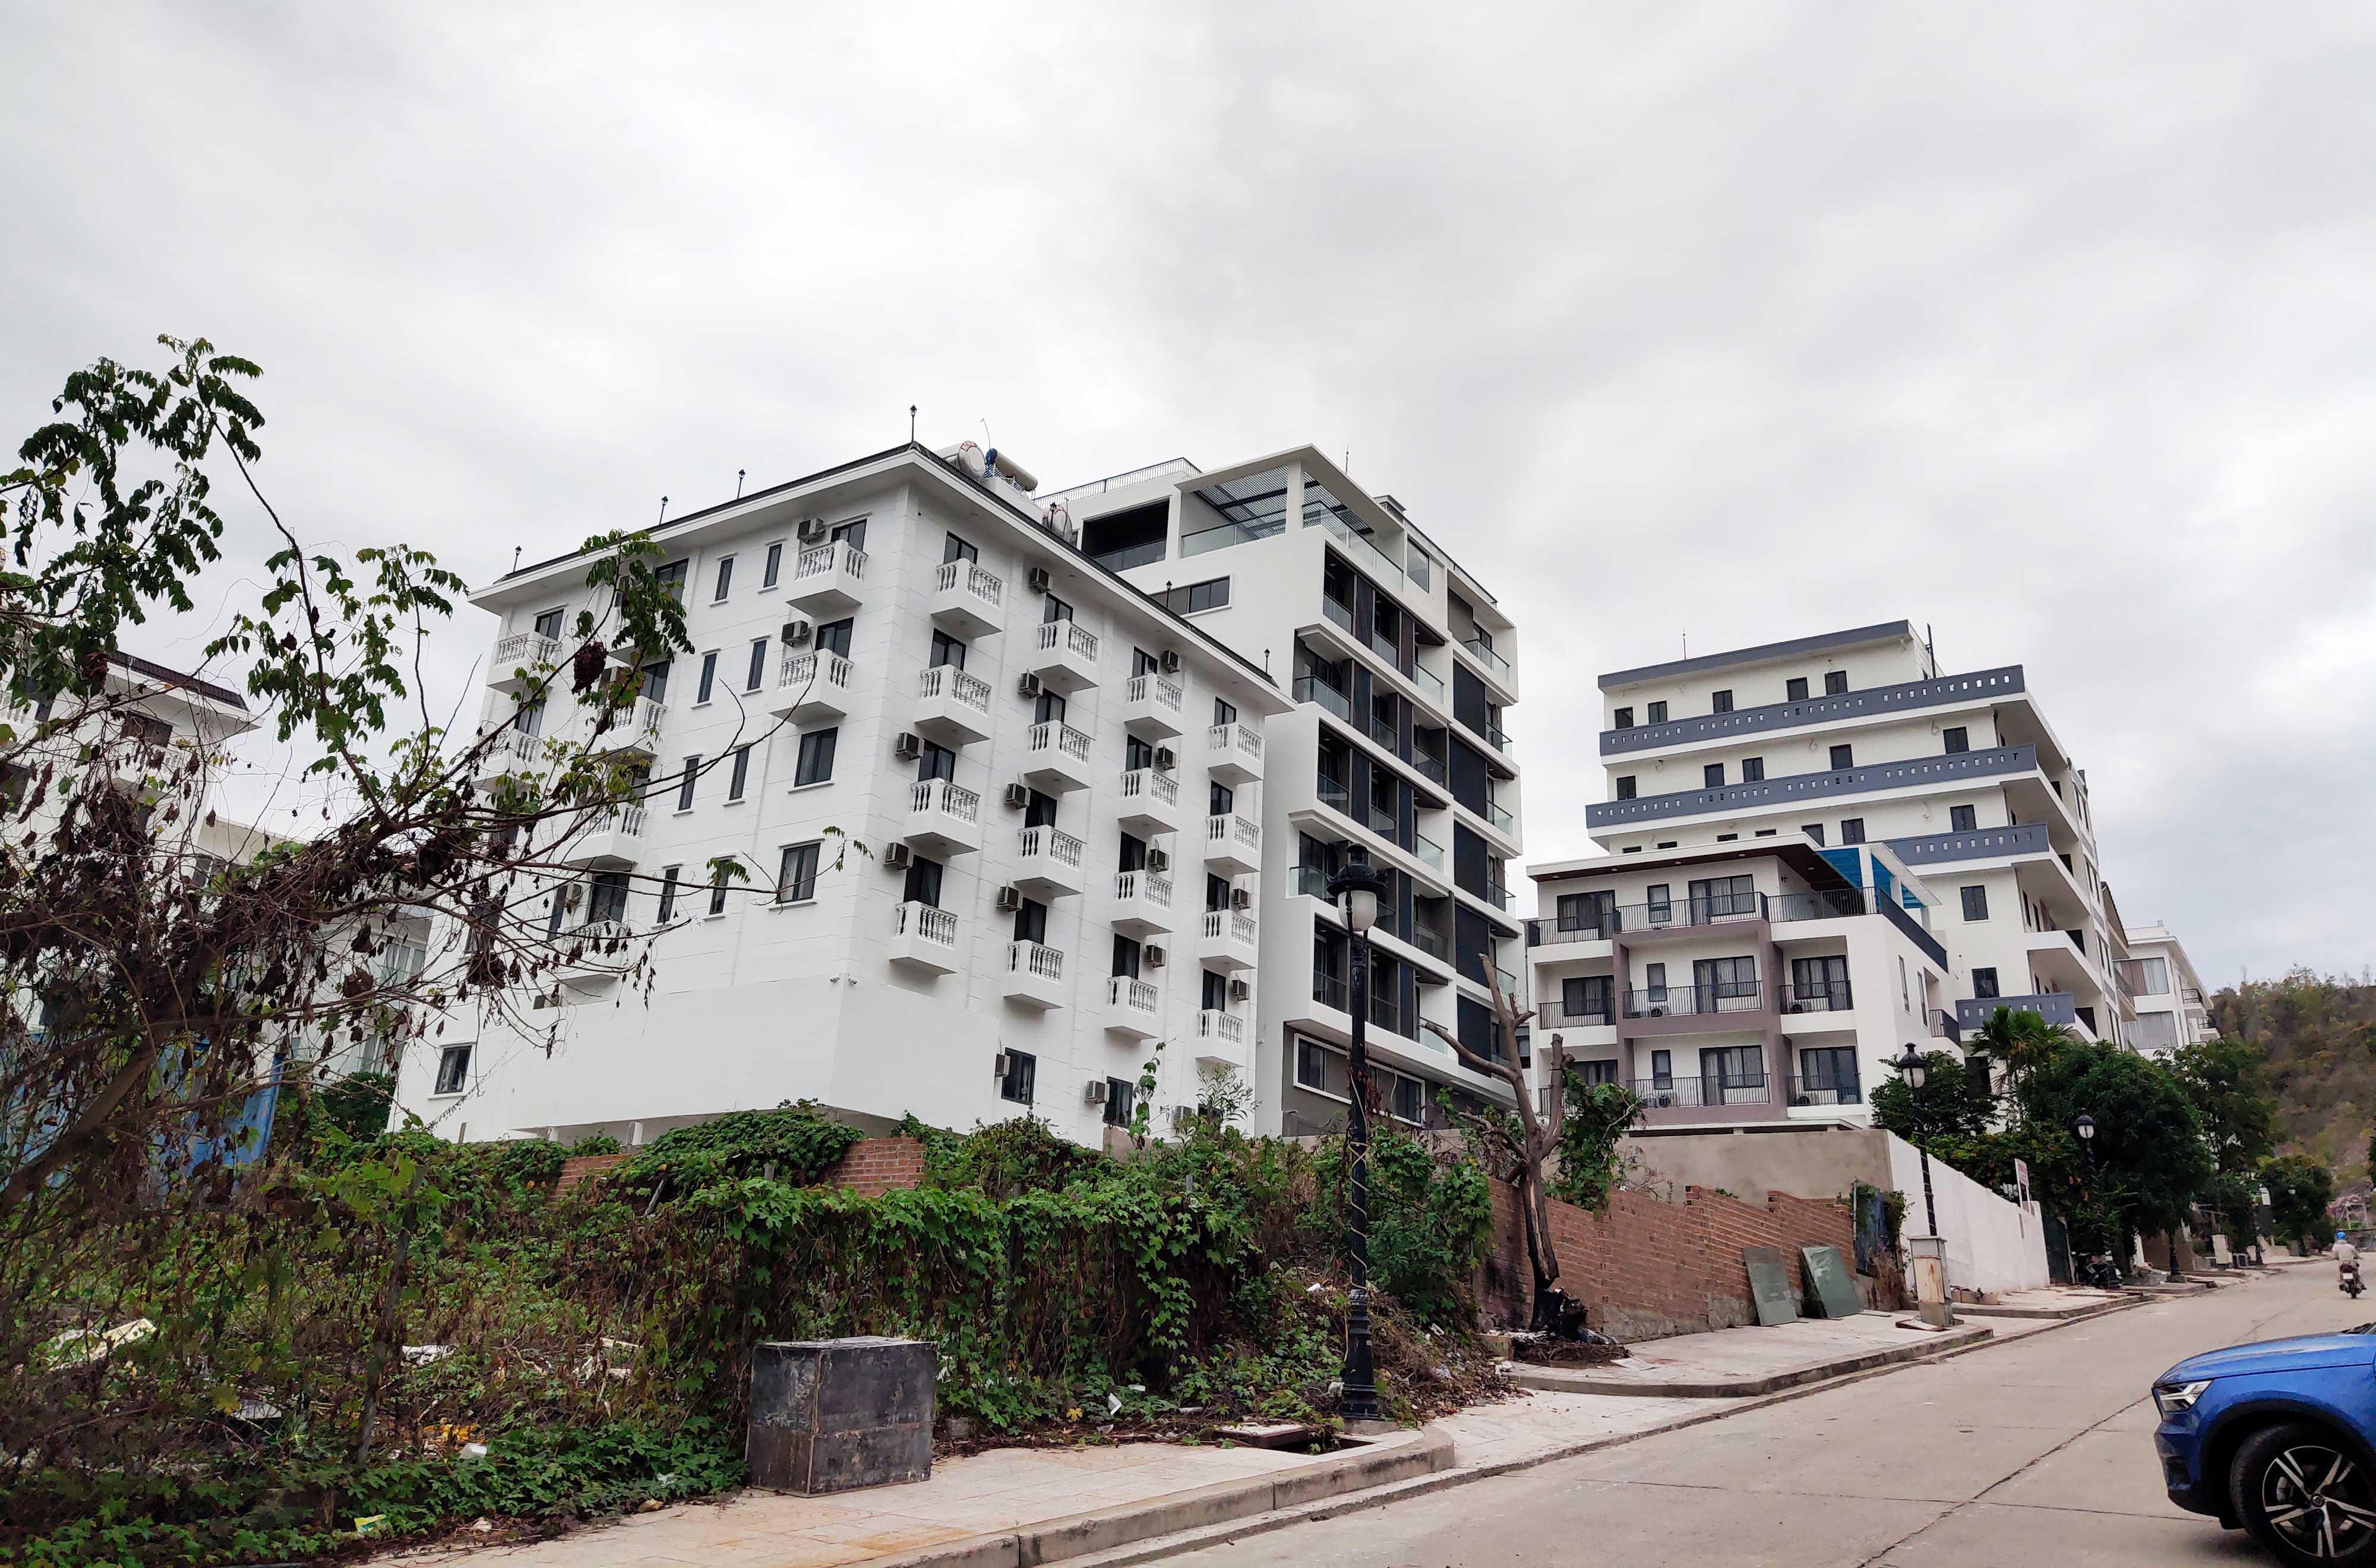 Cận cảnh dự án Ocean View ung dung hoàn thành các căn biệt thự bất chấp lệnh cưỡng chế - Ảnh 2.